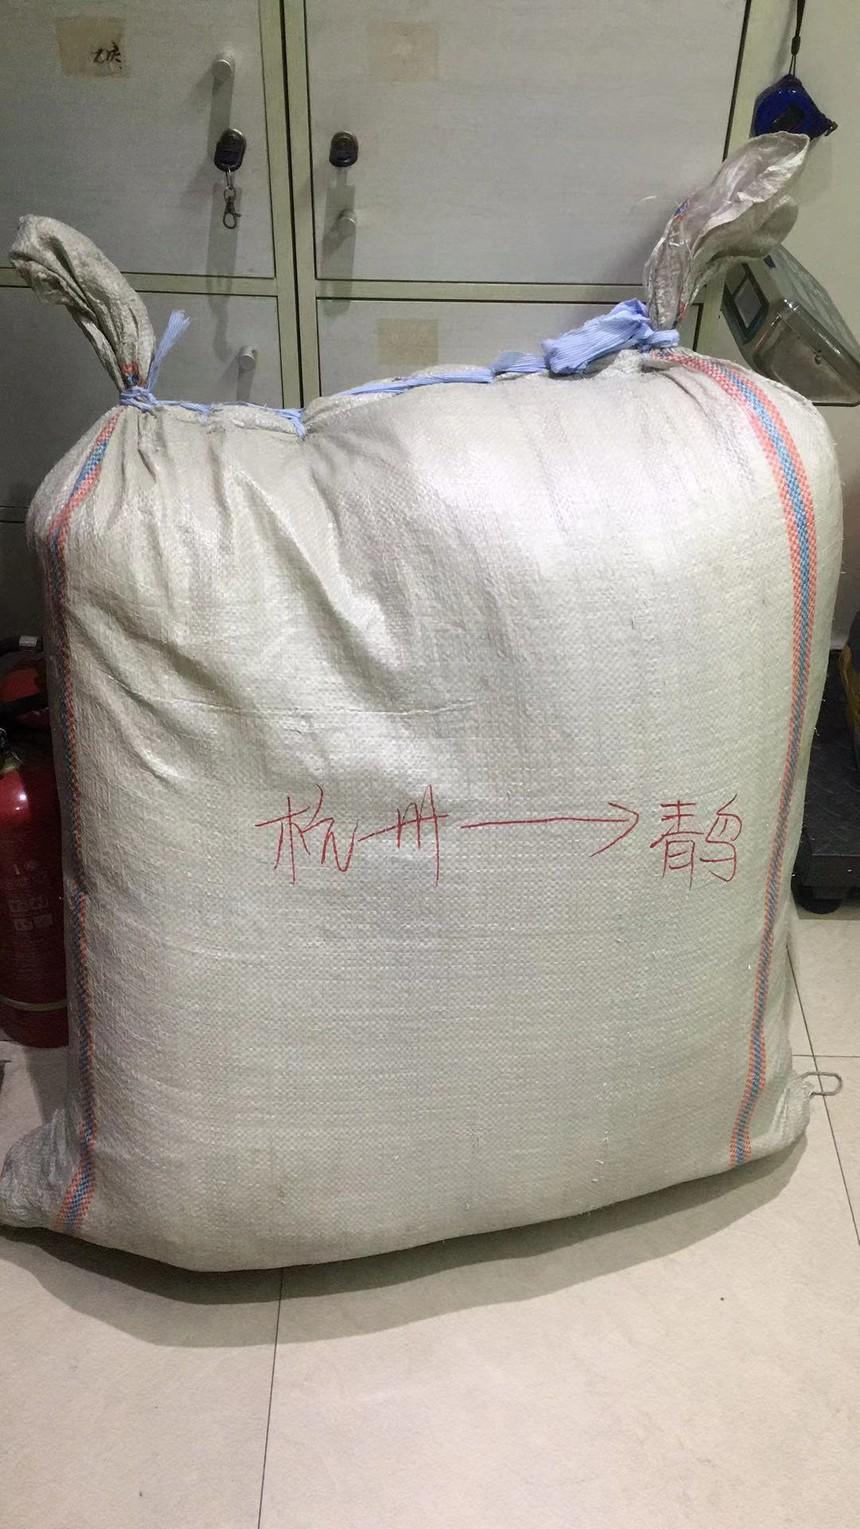 杭州到青岛航空货运